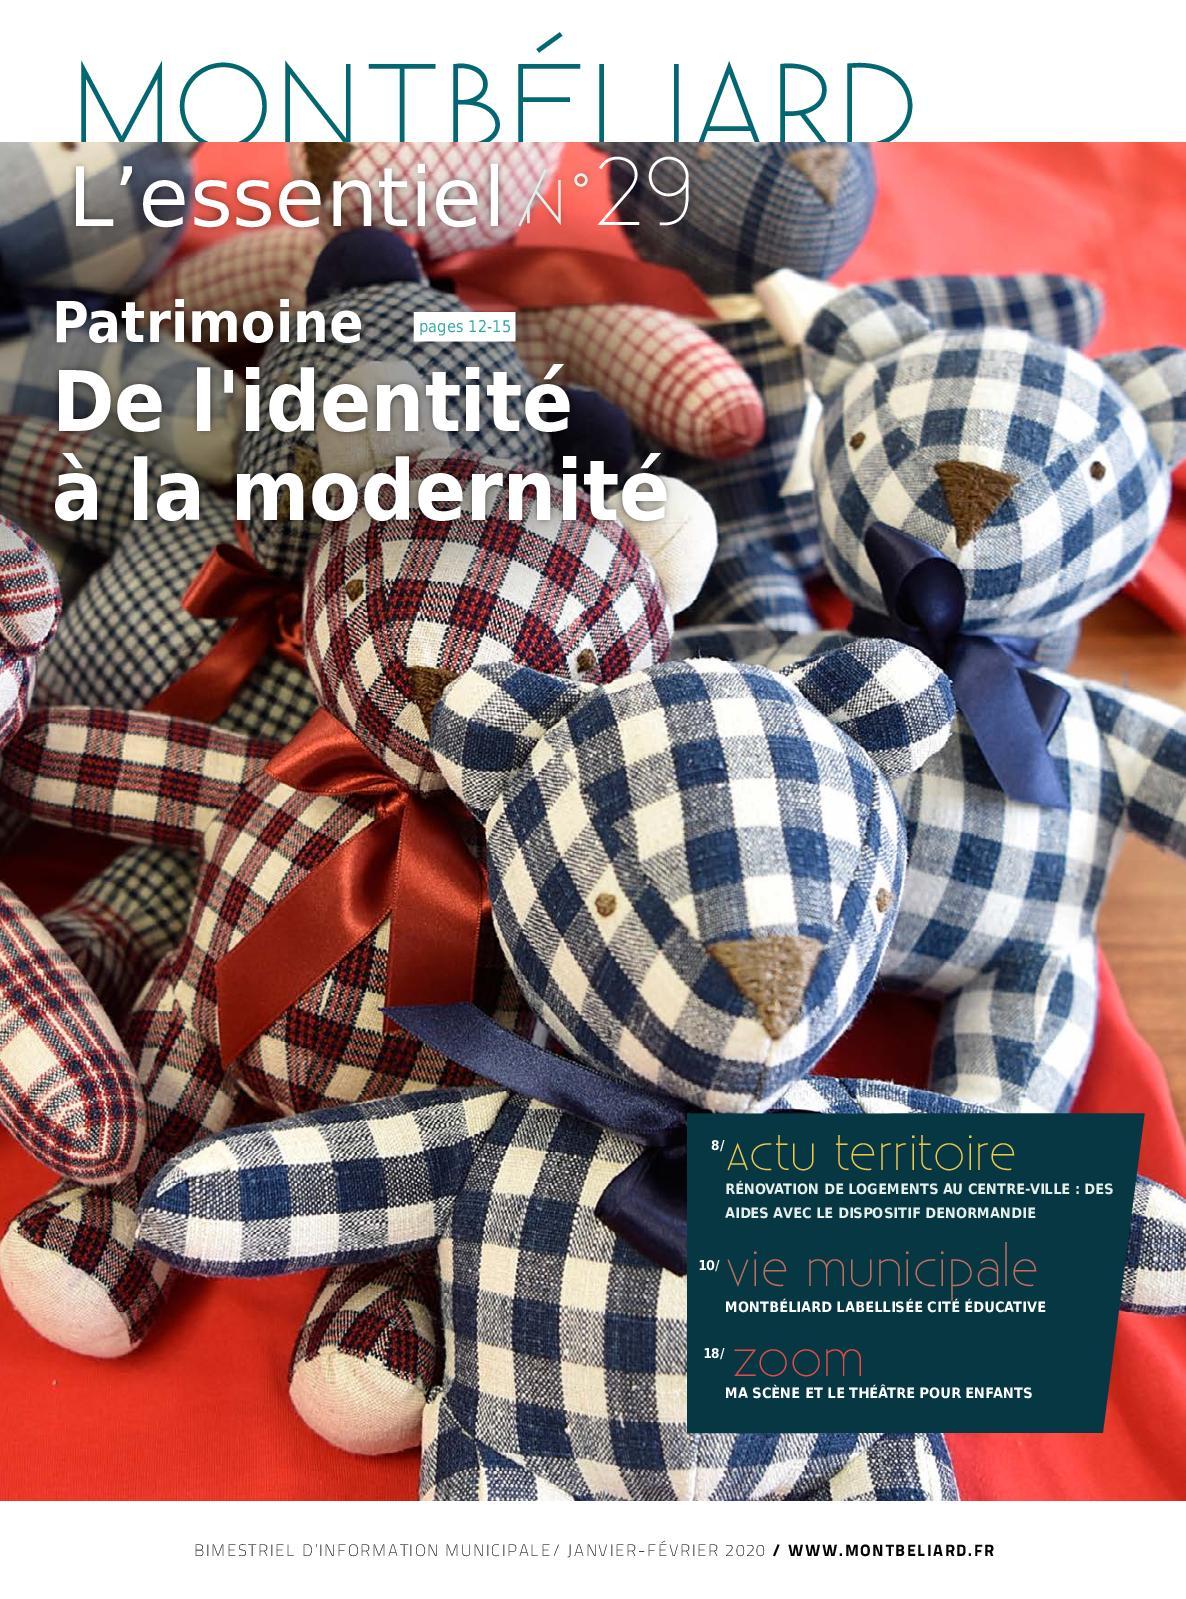 Cours De Dessin Montbéliard calaméo - montbéliard l'essentiel n° 29 - janvier février 2020